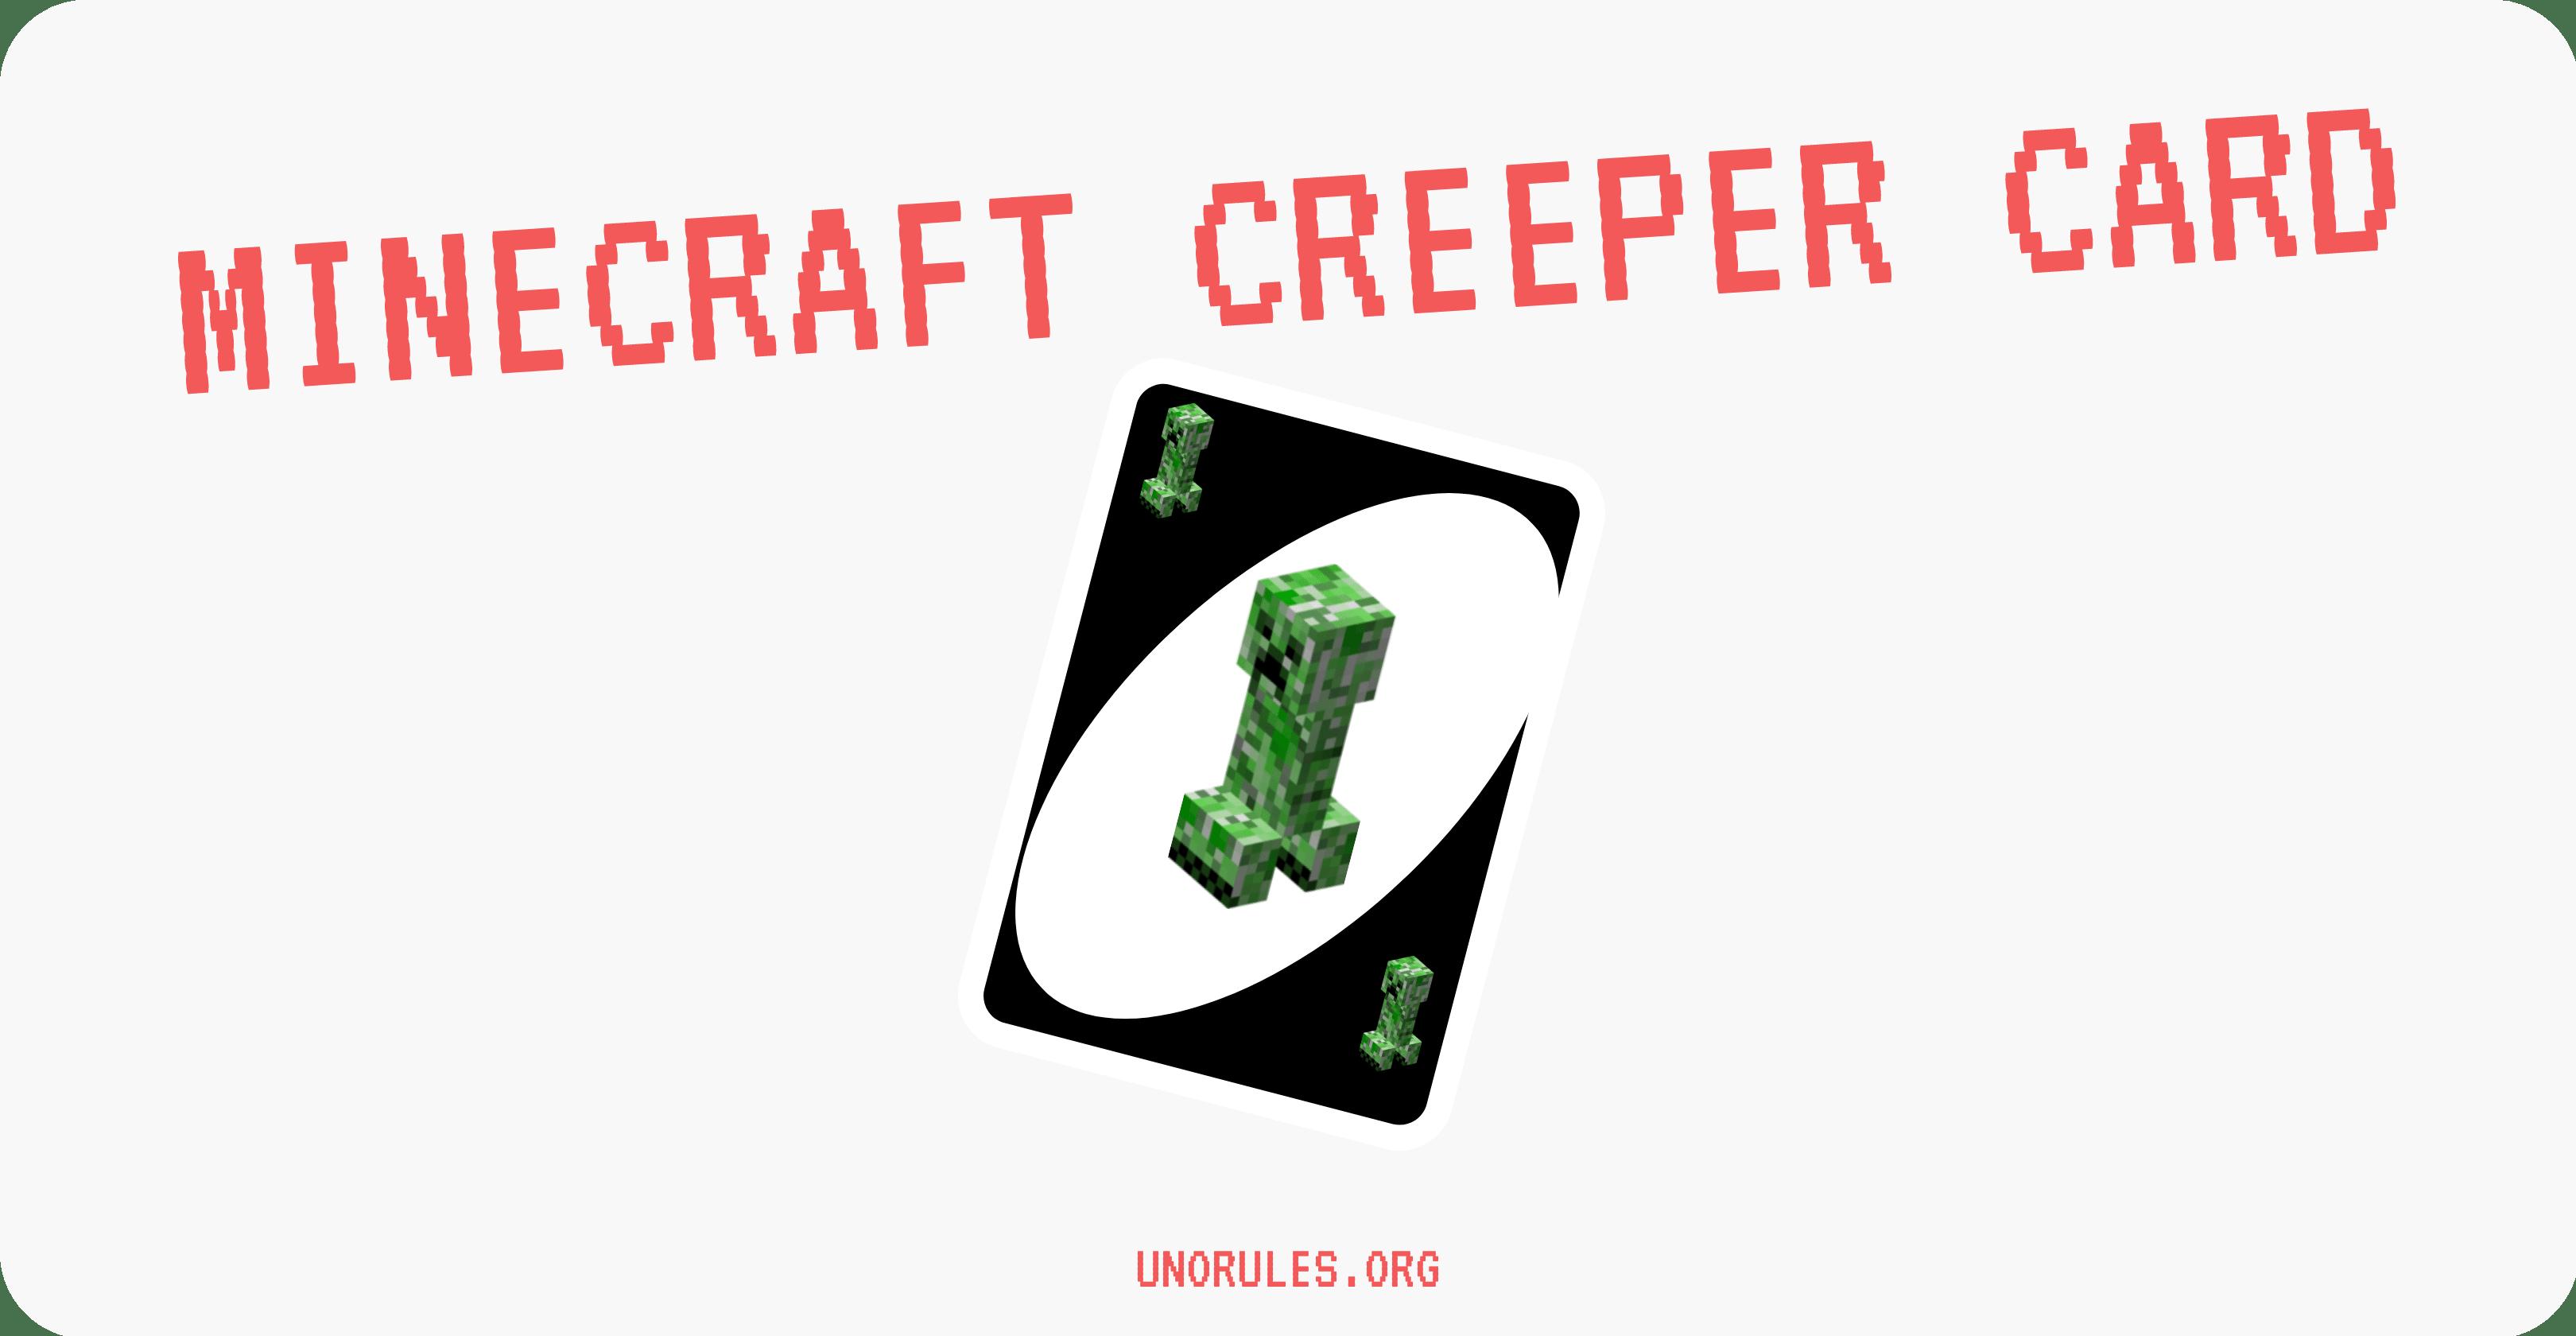 Minecraft creeper Uno card